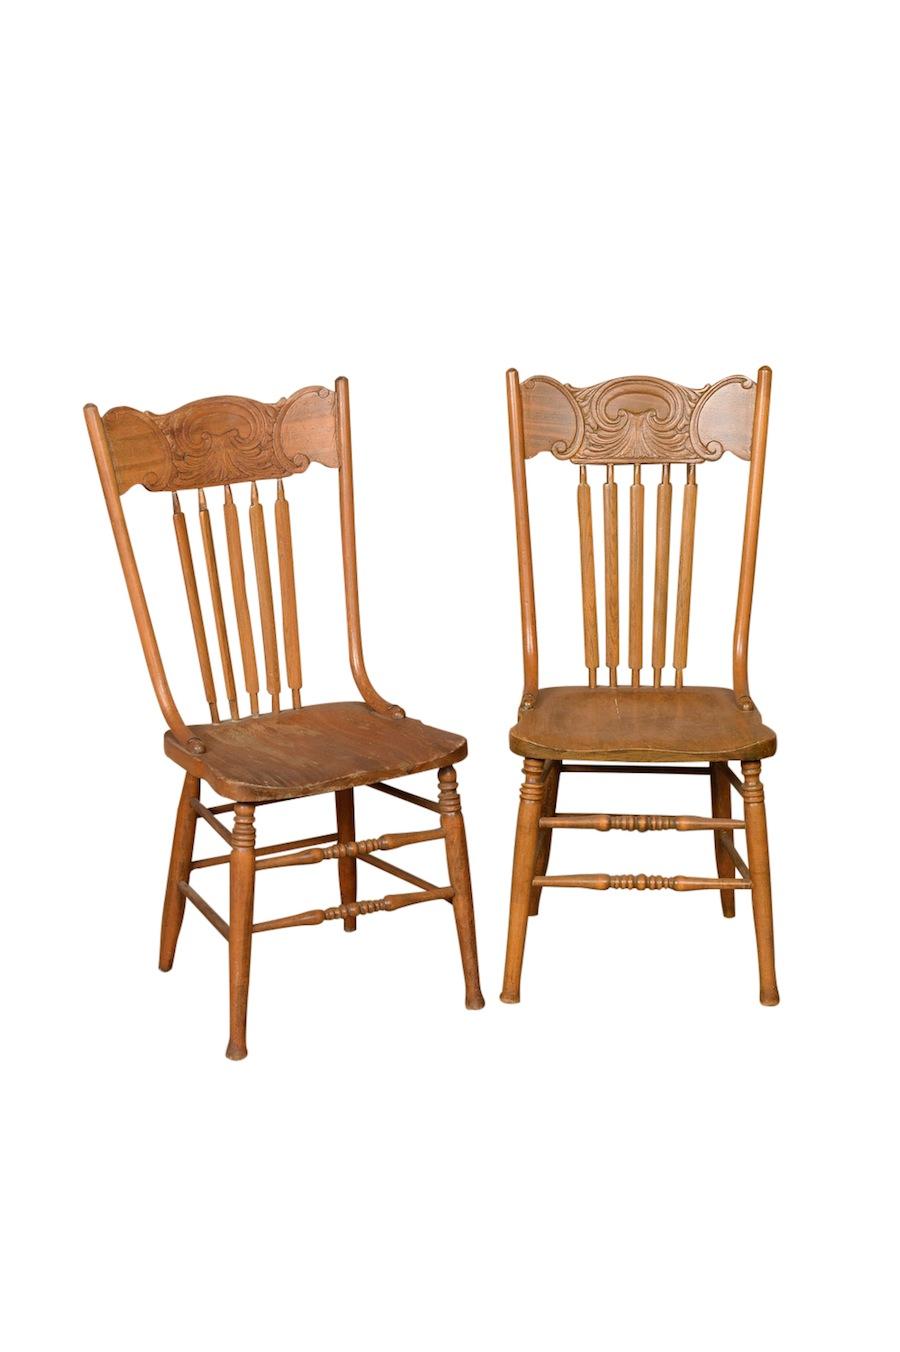 Stratler dining chairs found vintage rentals